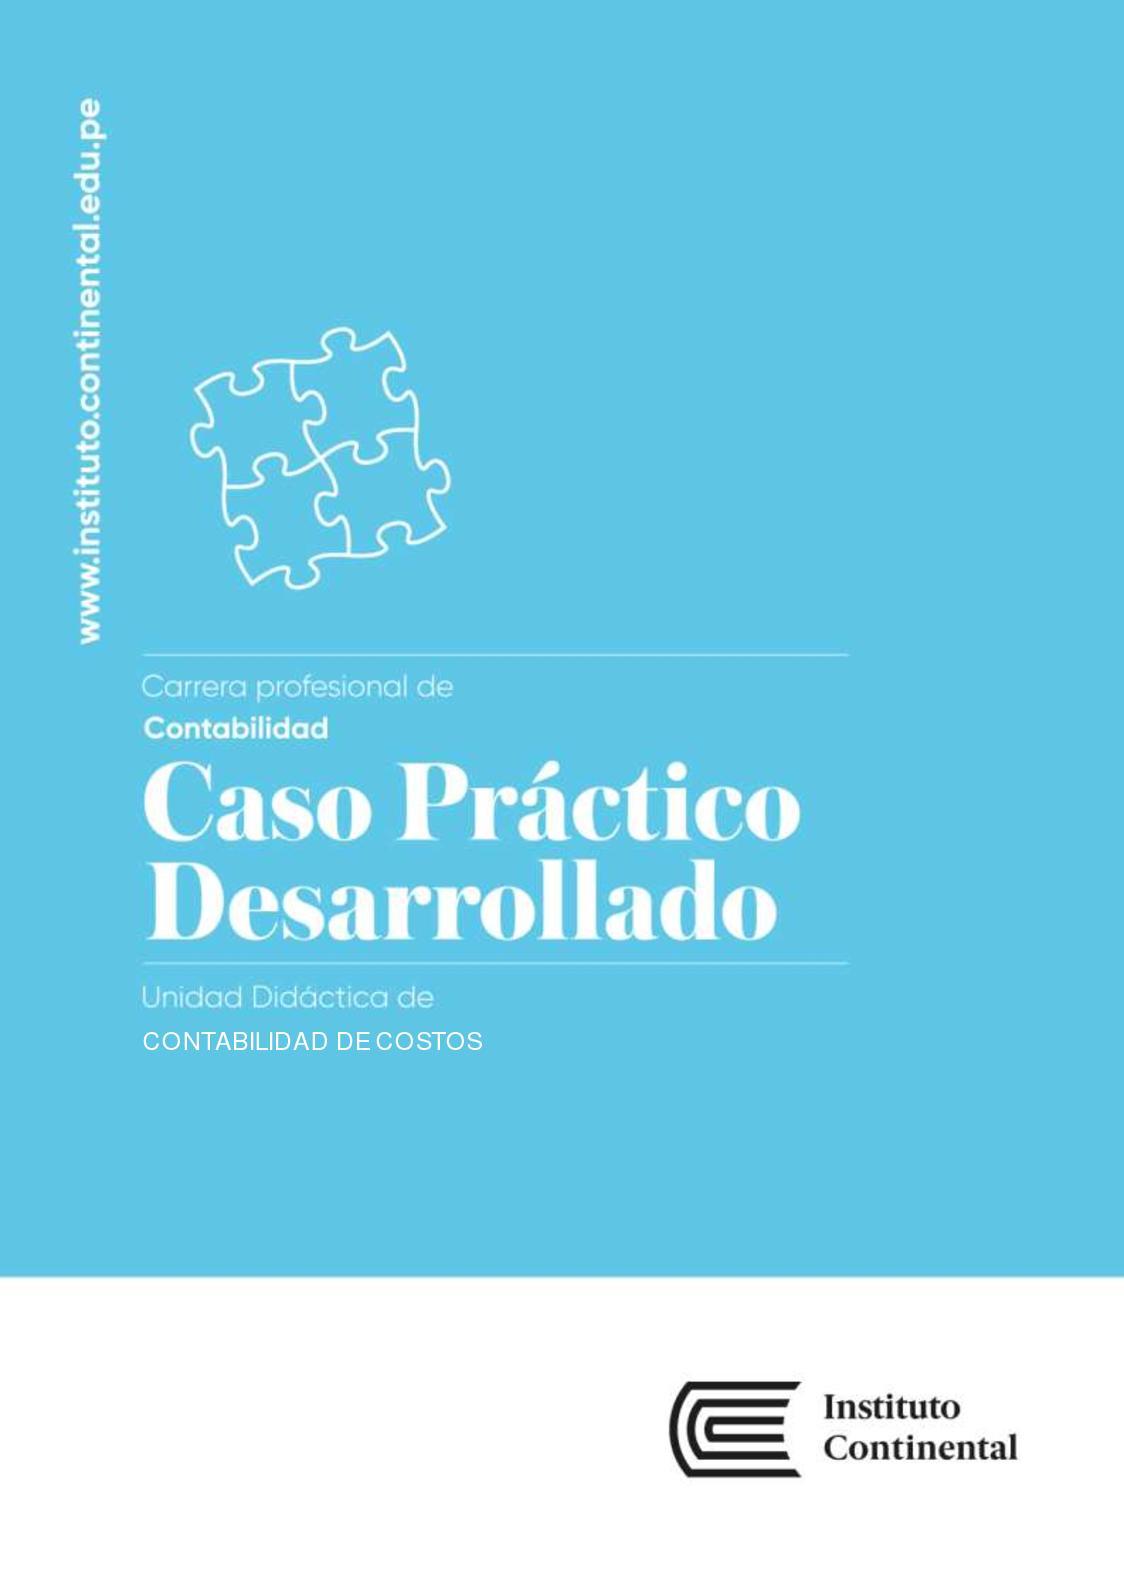 CONT 2017 Contabilidad De Costos CD 2